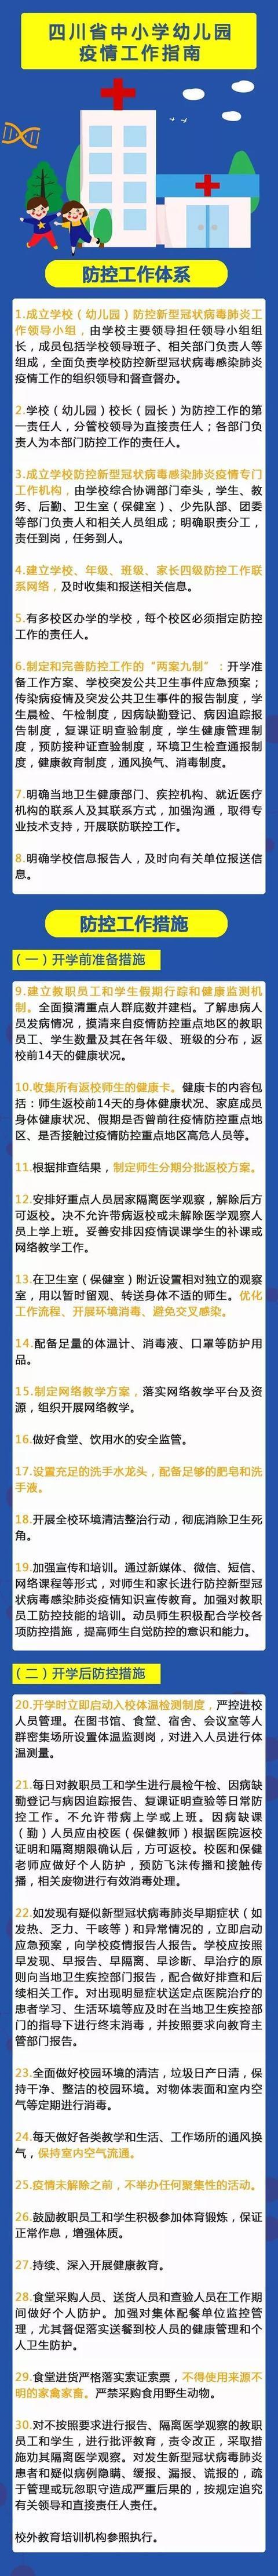 开学前后需这样防控!四川出台中小学幼儿园高校防控指南